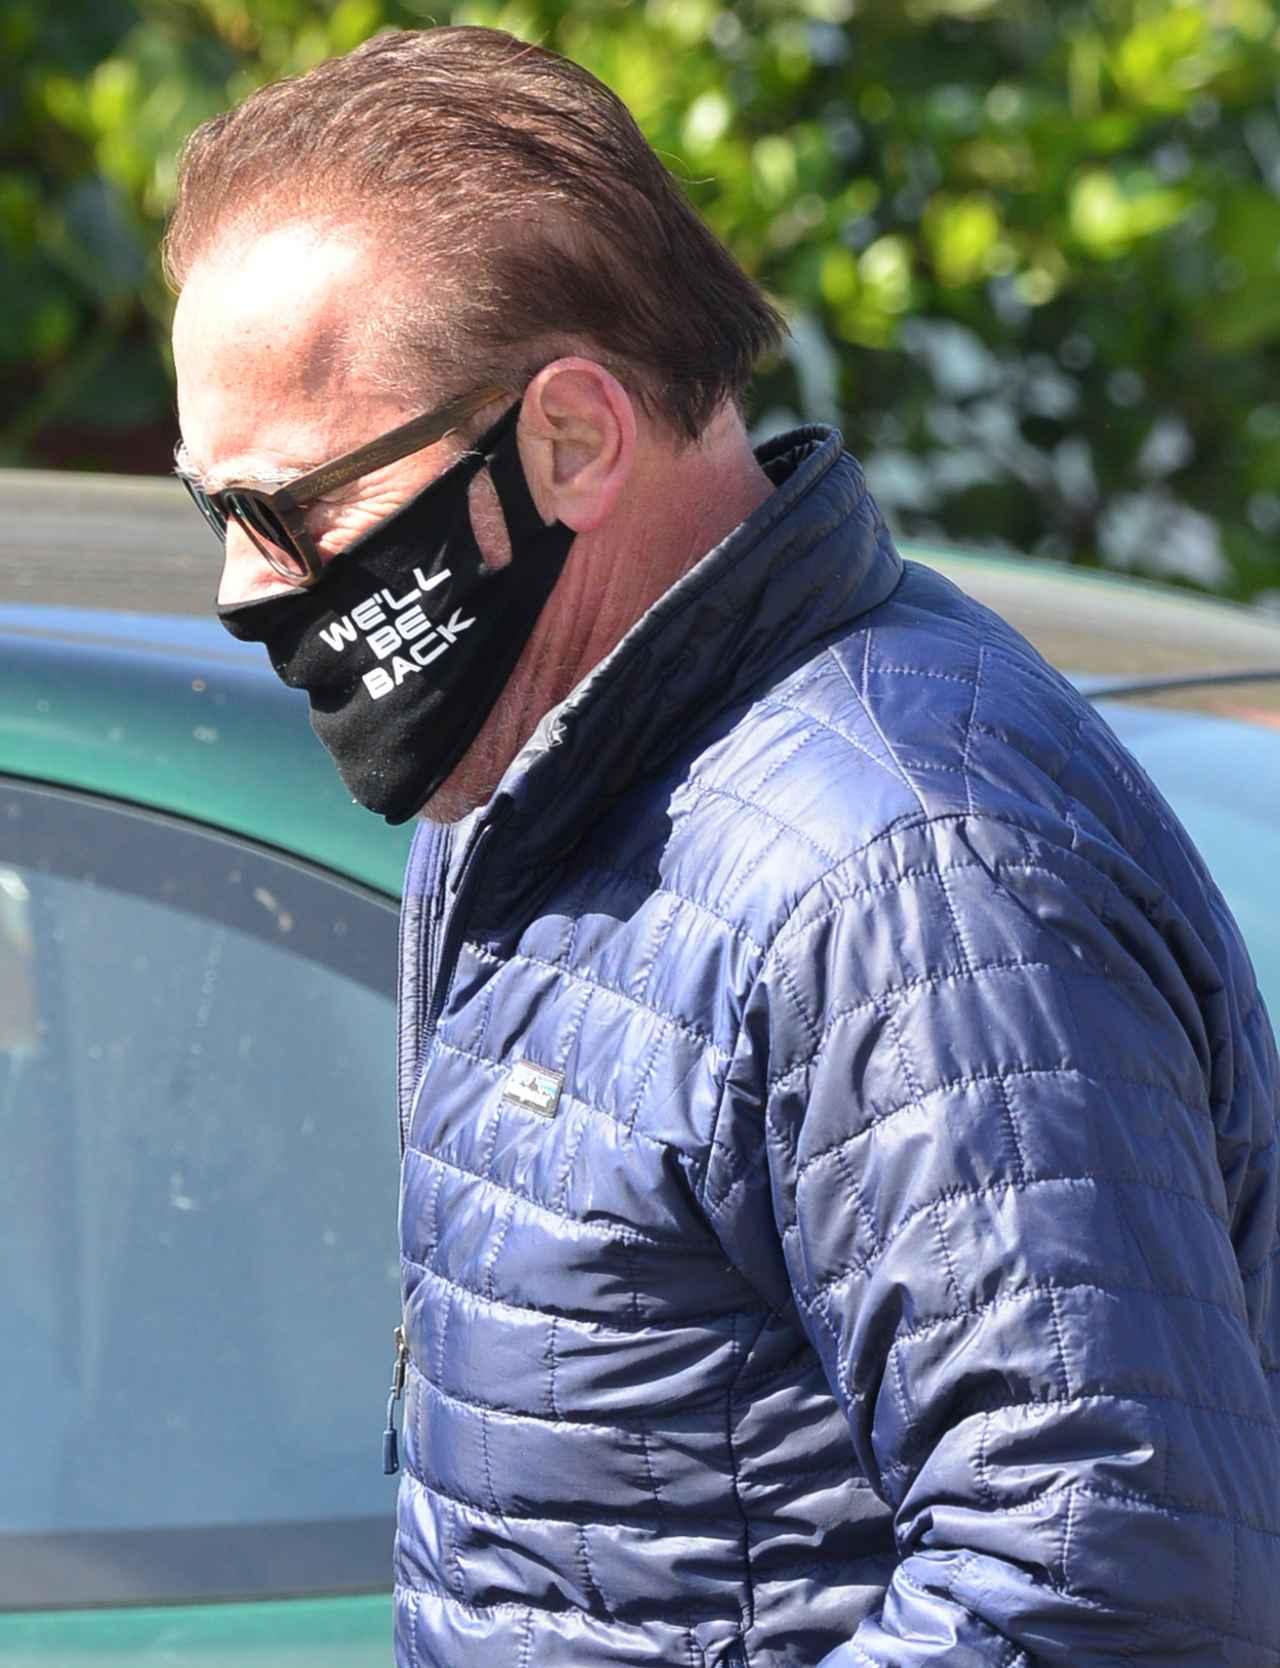 画像: 俳優のアーノルド・シュワルツェネッガーは、主演映画『ターミネーター』の台詞「I'll Be Back」をもじって「We'll Be Back(我々は帰ってくる)」と描かれたマスクを着けて外出。